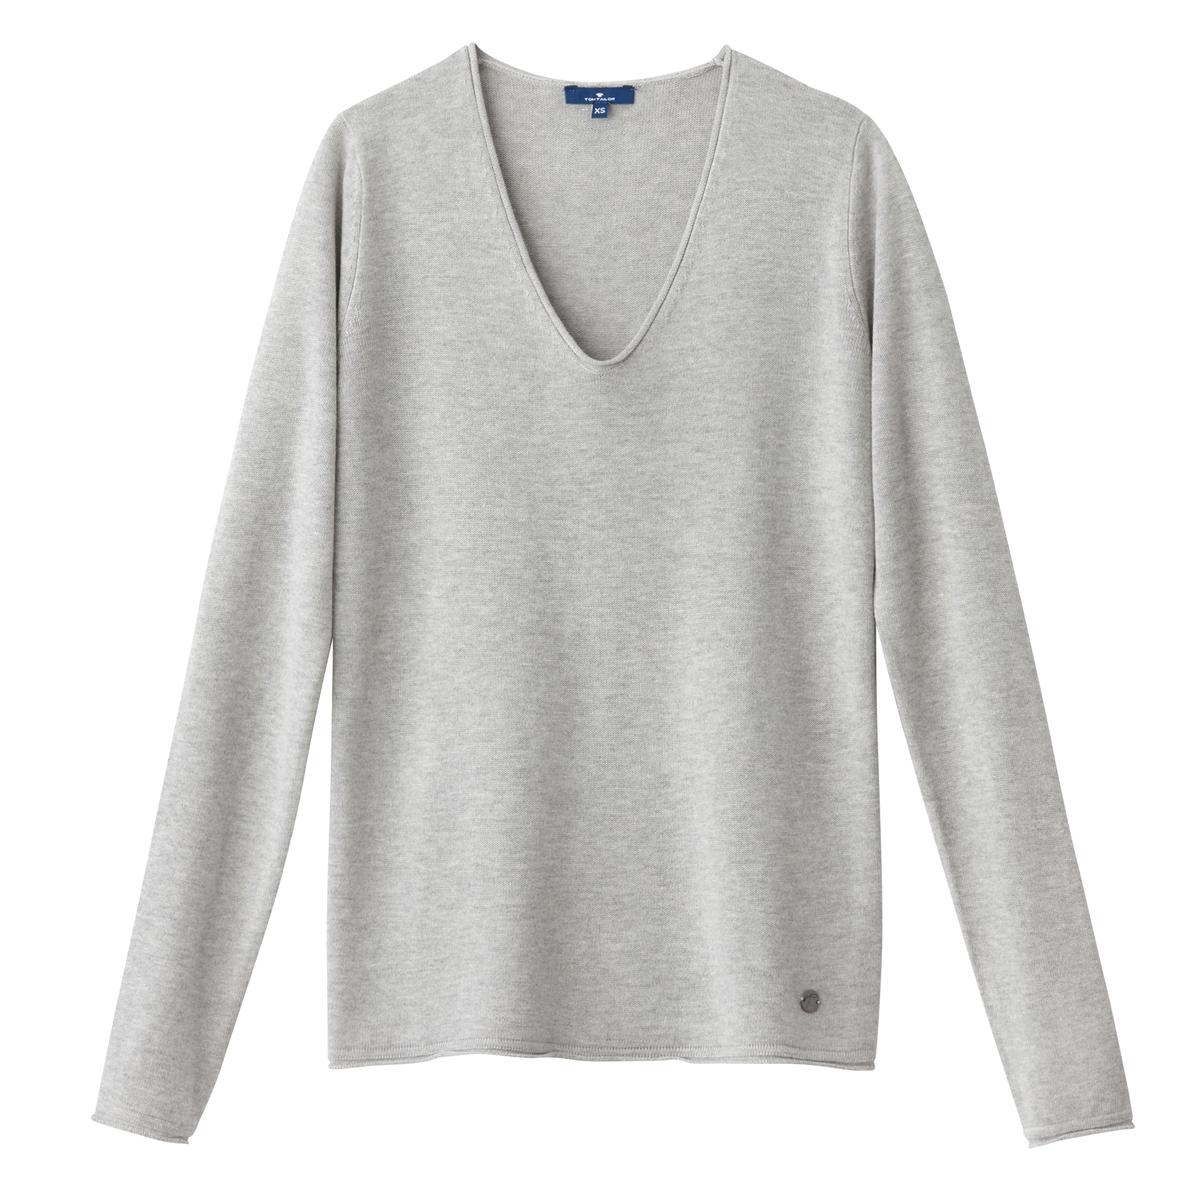 Пуловер с V-образным вырезом из тонкого трикотажаОписание:Детали •  Длинные рукава •   V-образный вырез •  Тонкий трикотаж Состав и уход •  40% вискозы, 60% хлопка •  Следуйте советам по уходу, указанным на этикетке<br><br>Цвет: светло-серый<br>Размер: L